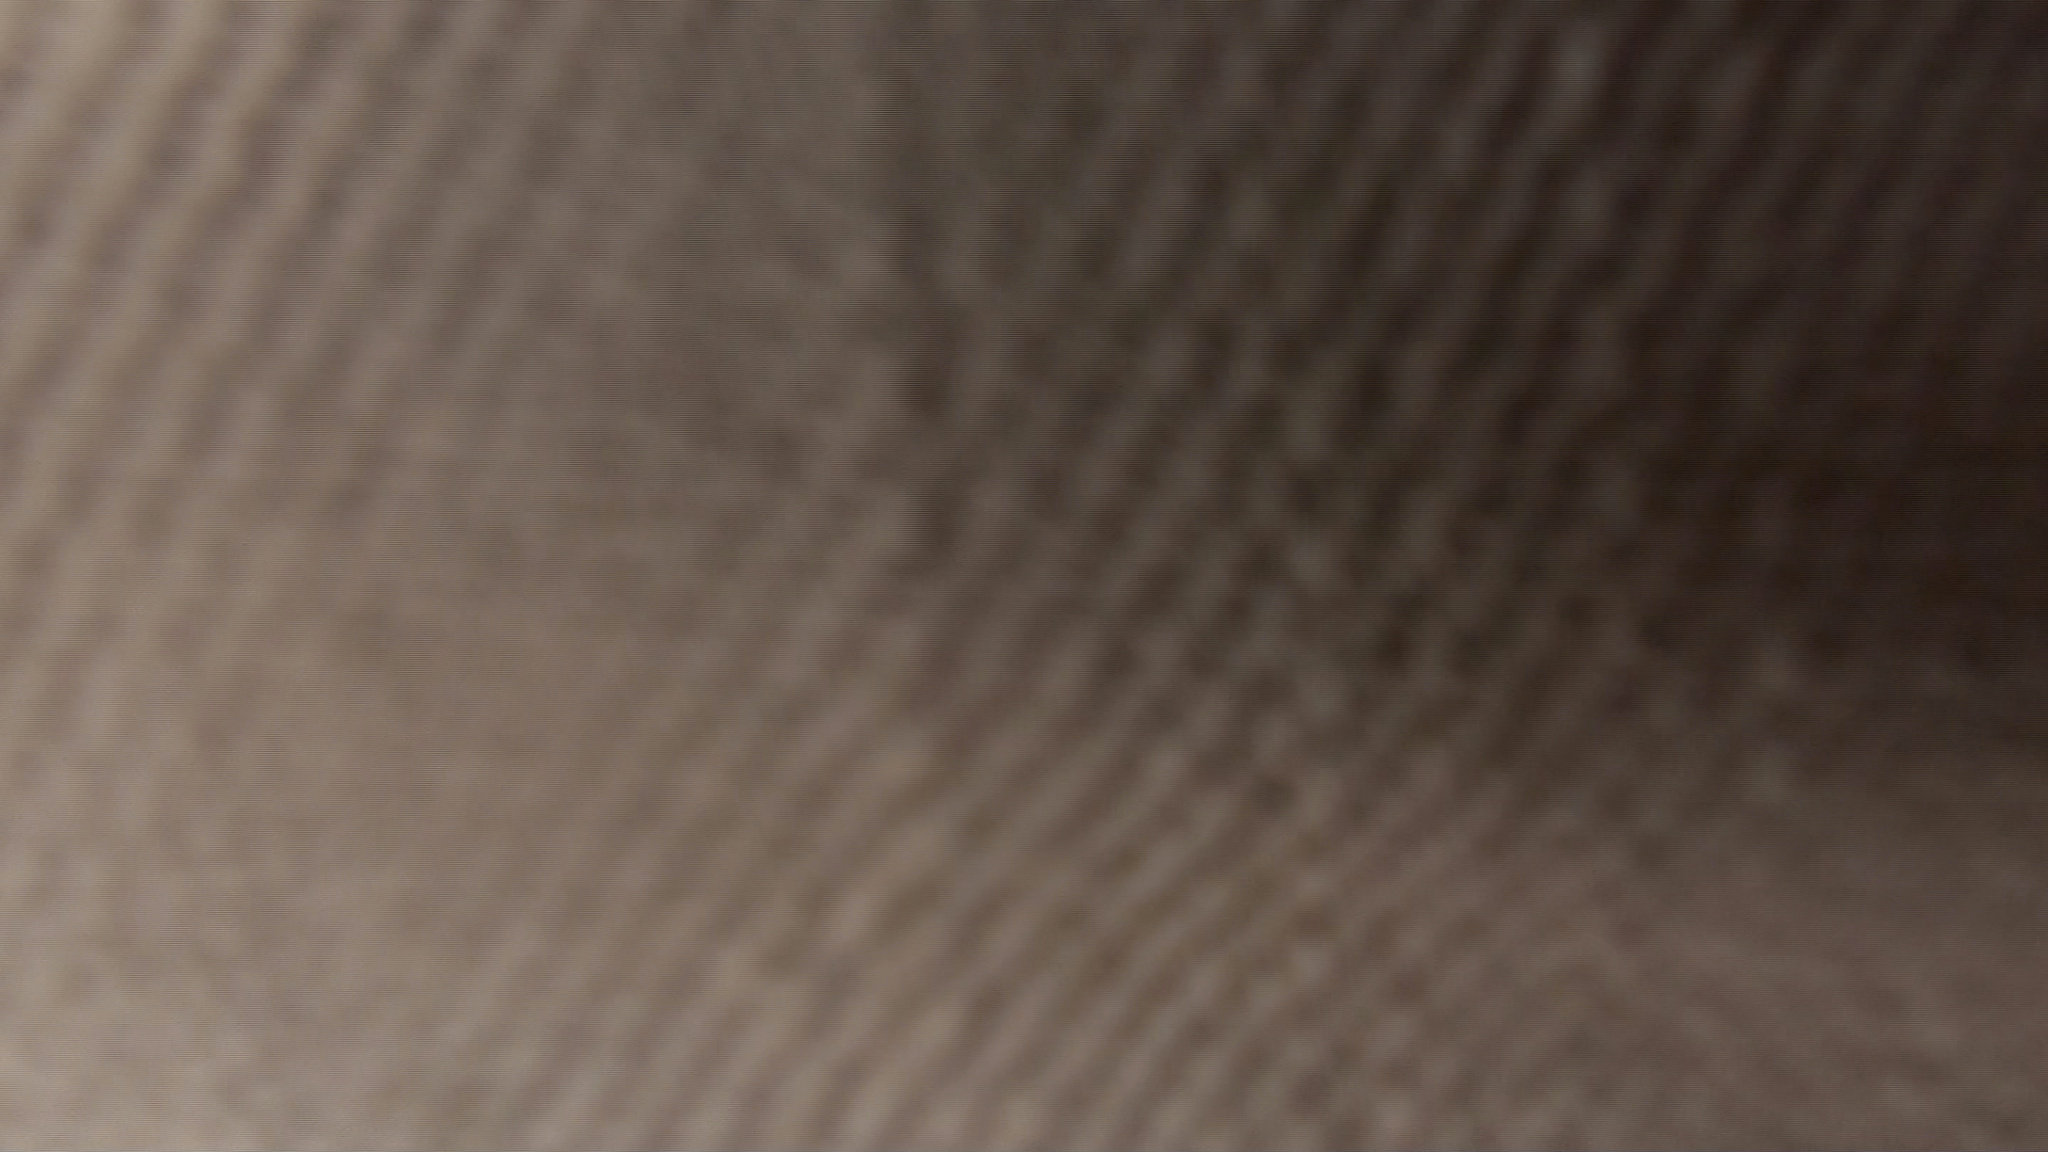 Screen Shot 2014-02-10 at 9.26.40 PM.png